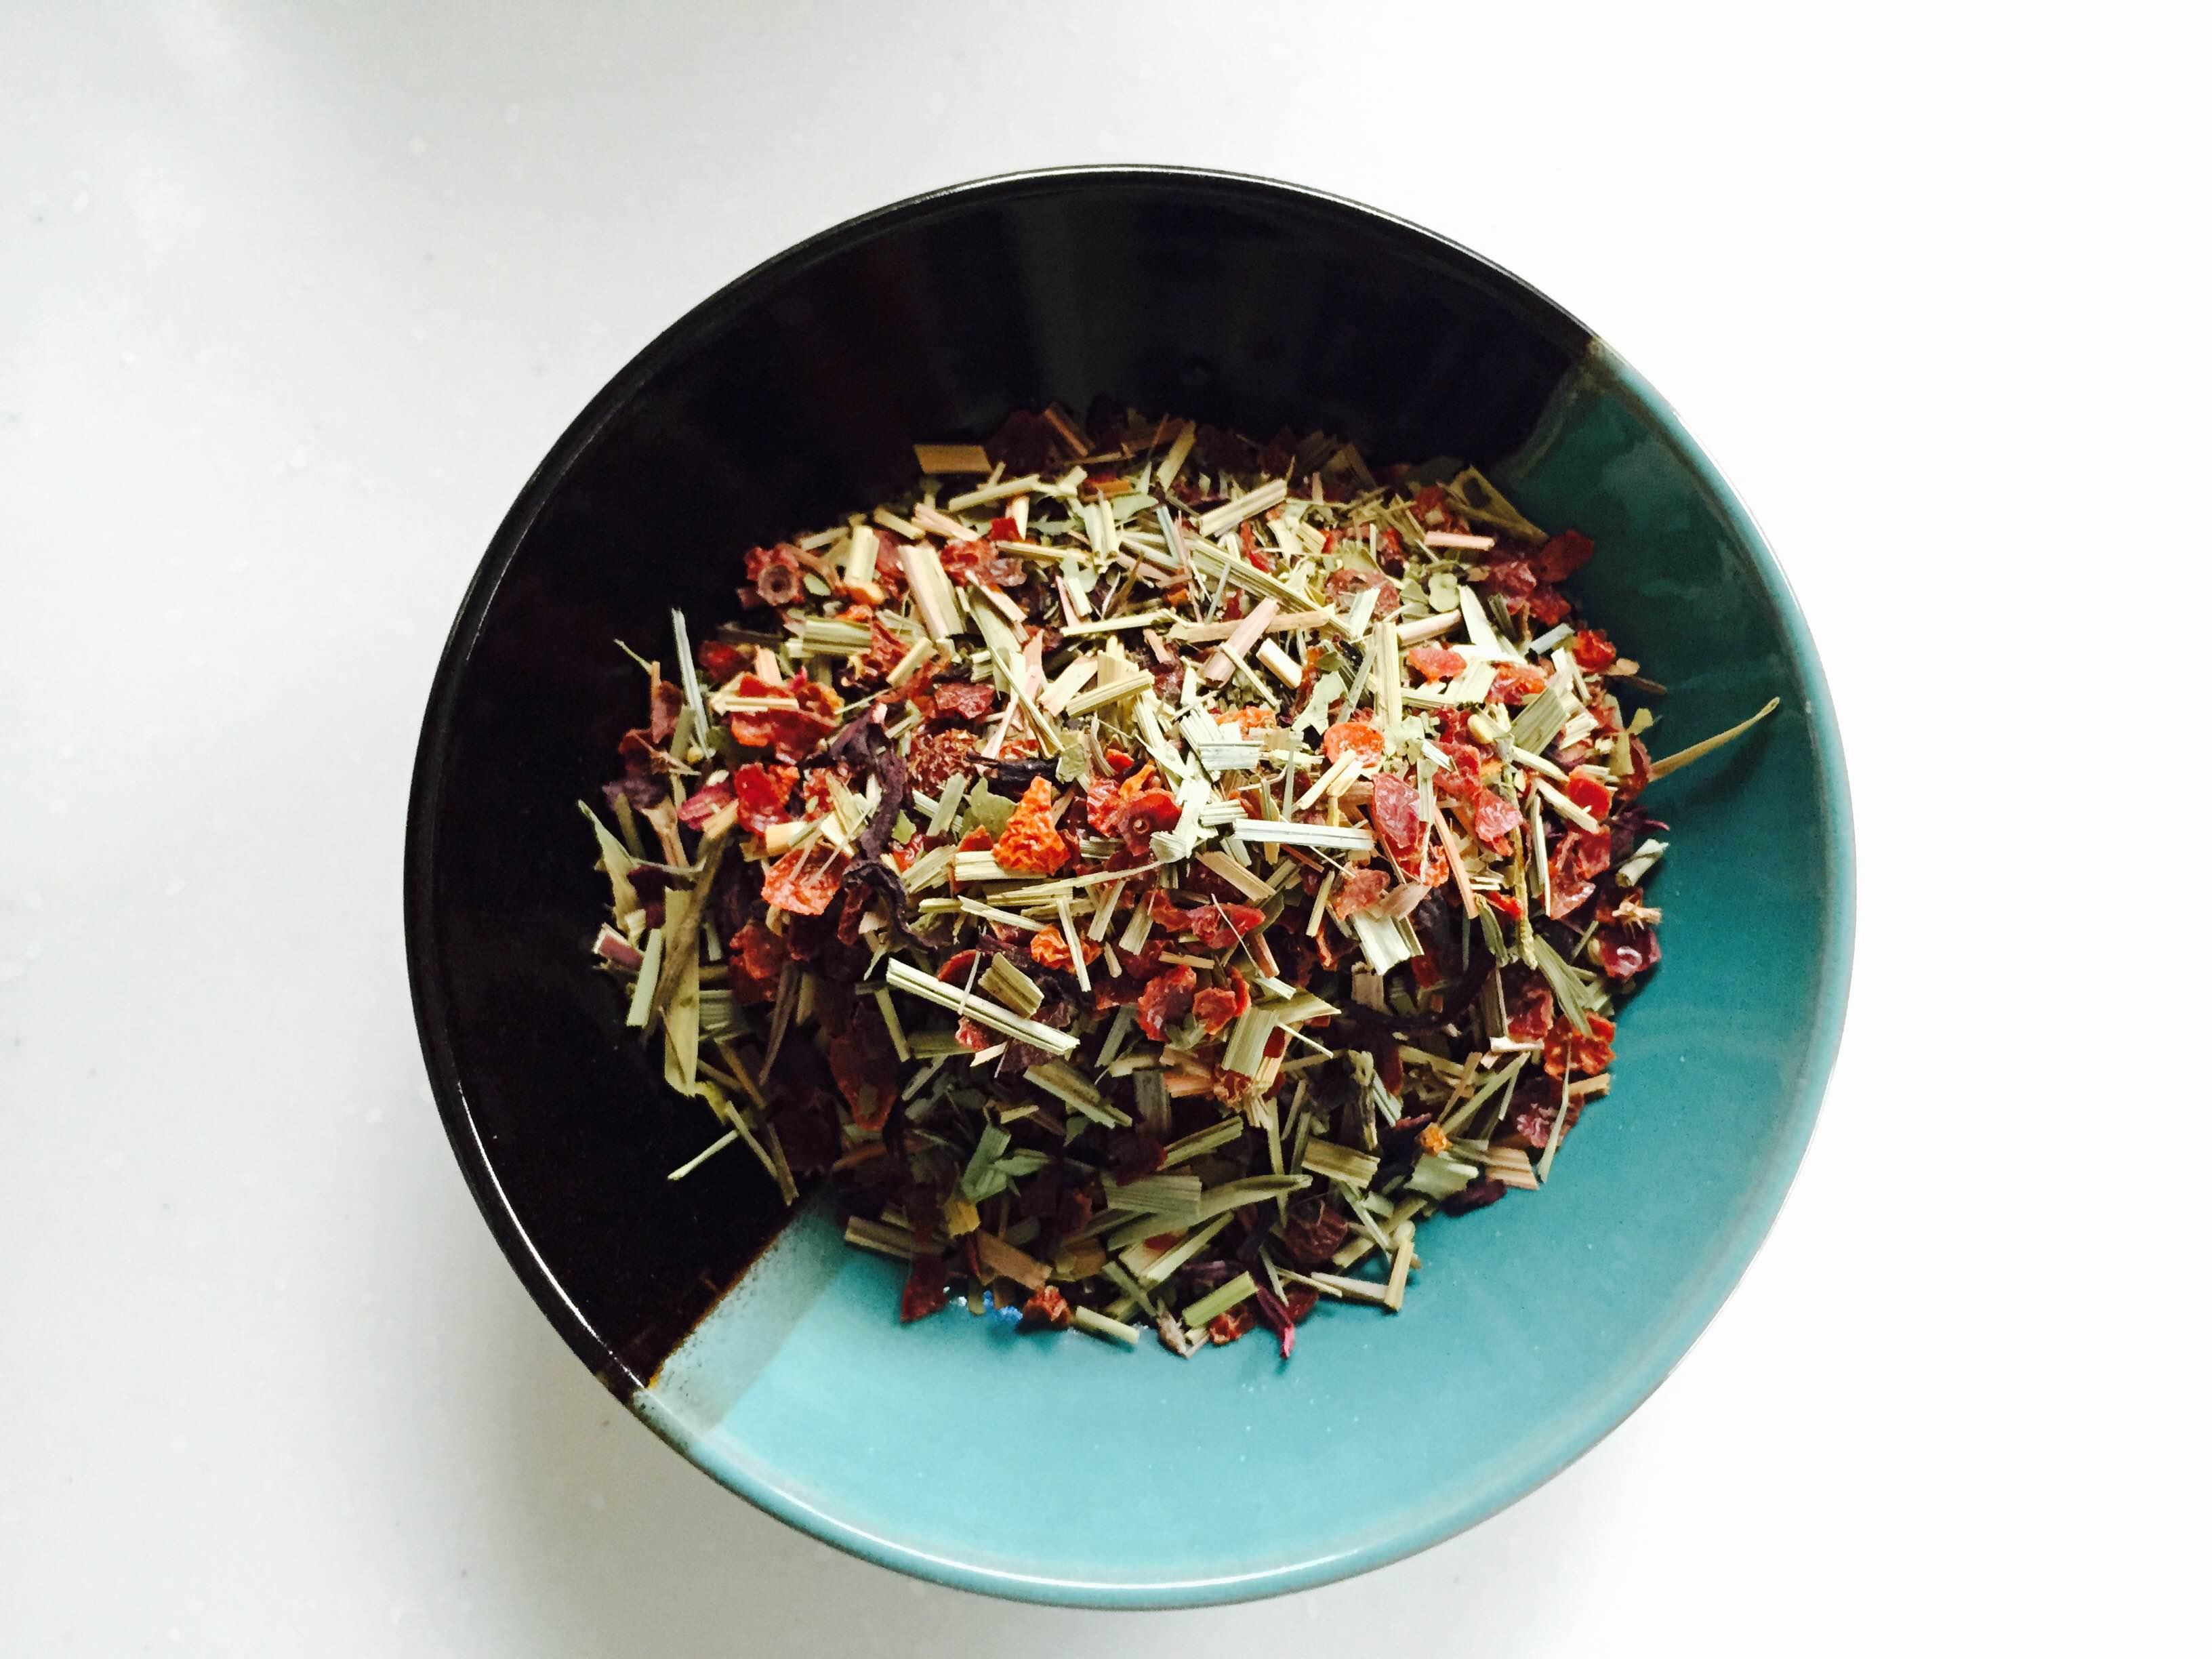 ハーブティーyado 茶葉スポーツドリンク